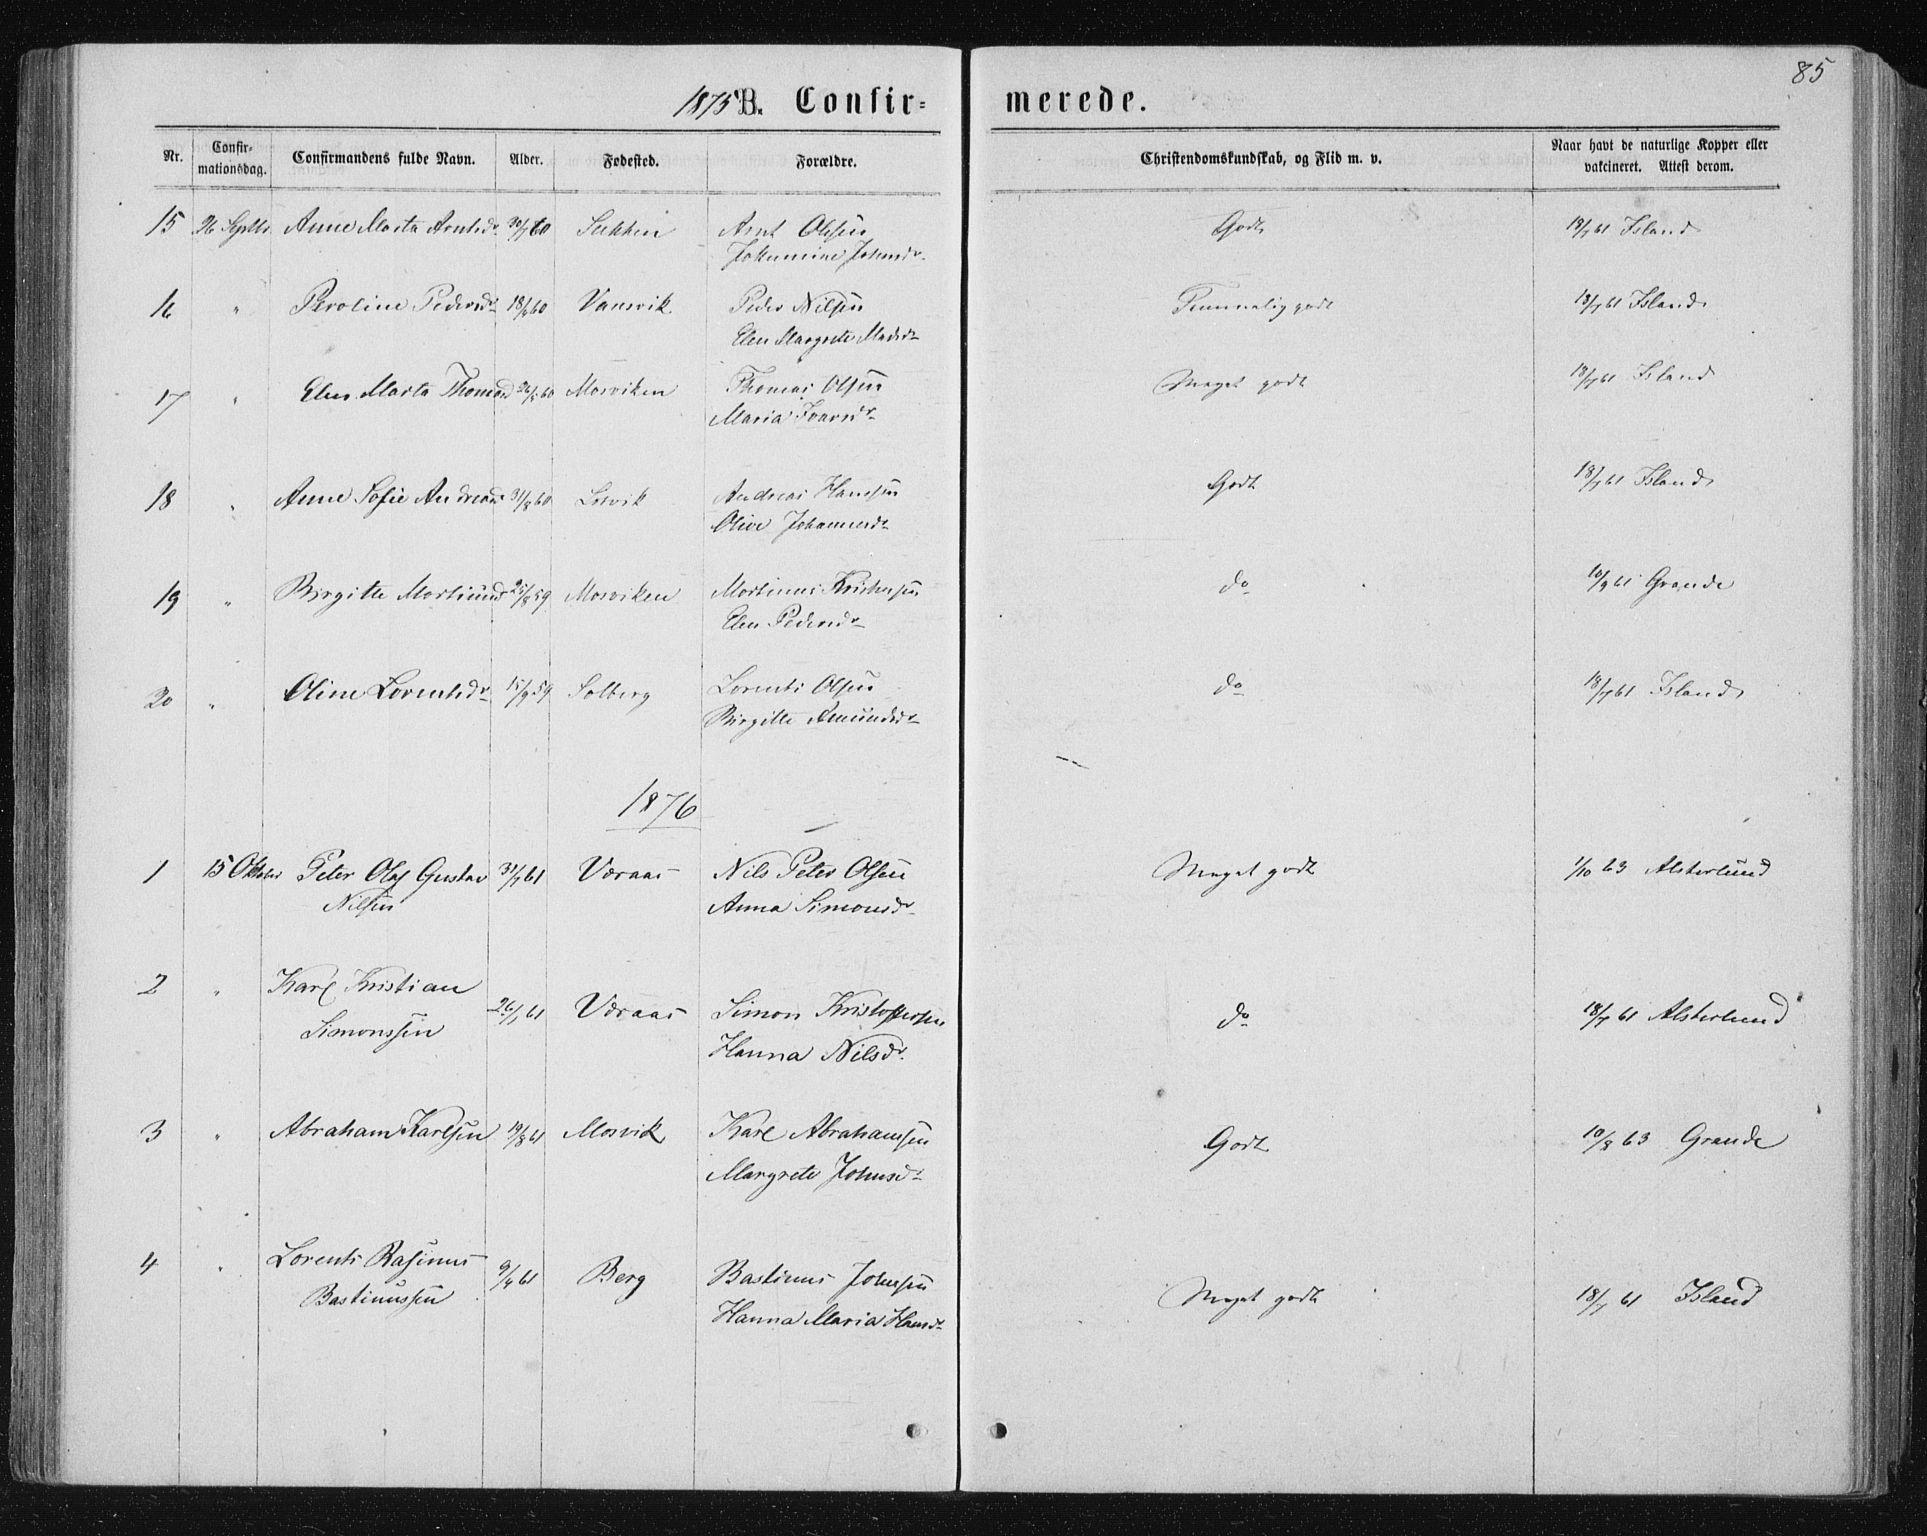 SAT, Ministerialprotokoller, klokkerbøker og fødselsregistre - Nord-Trøndelag, 722/L0219: Ministerialbok nr. 722A06, 1868-1880, s. 85